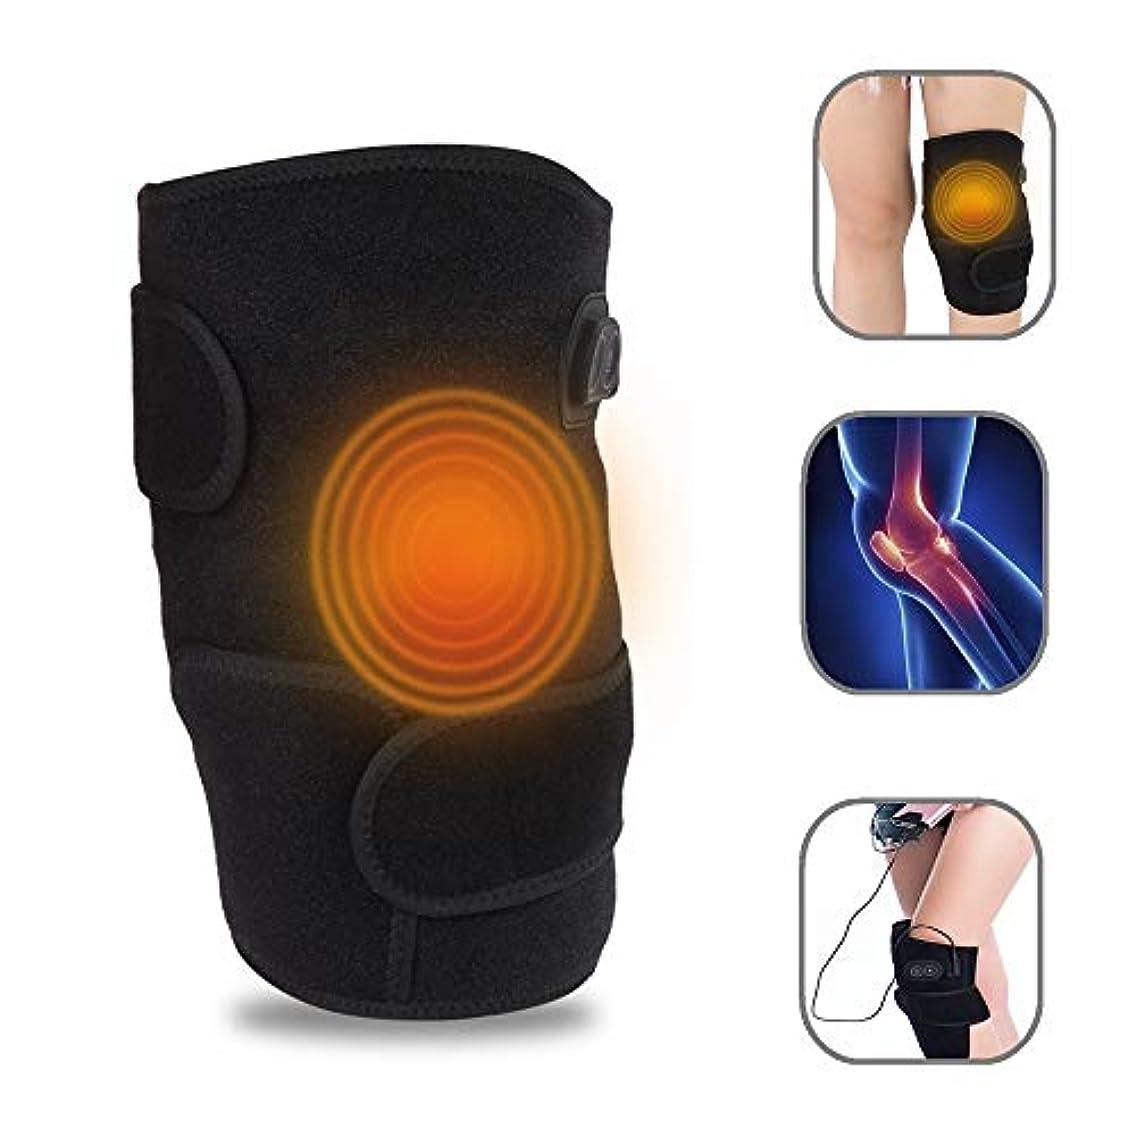 ポジティブ導入する騒ぎマッサージ 膝の理学療法装置、膝の振動、膝の痛みを和らげる 電熱療法、 冬の暖かさ リウマチ